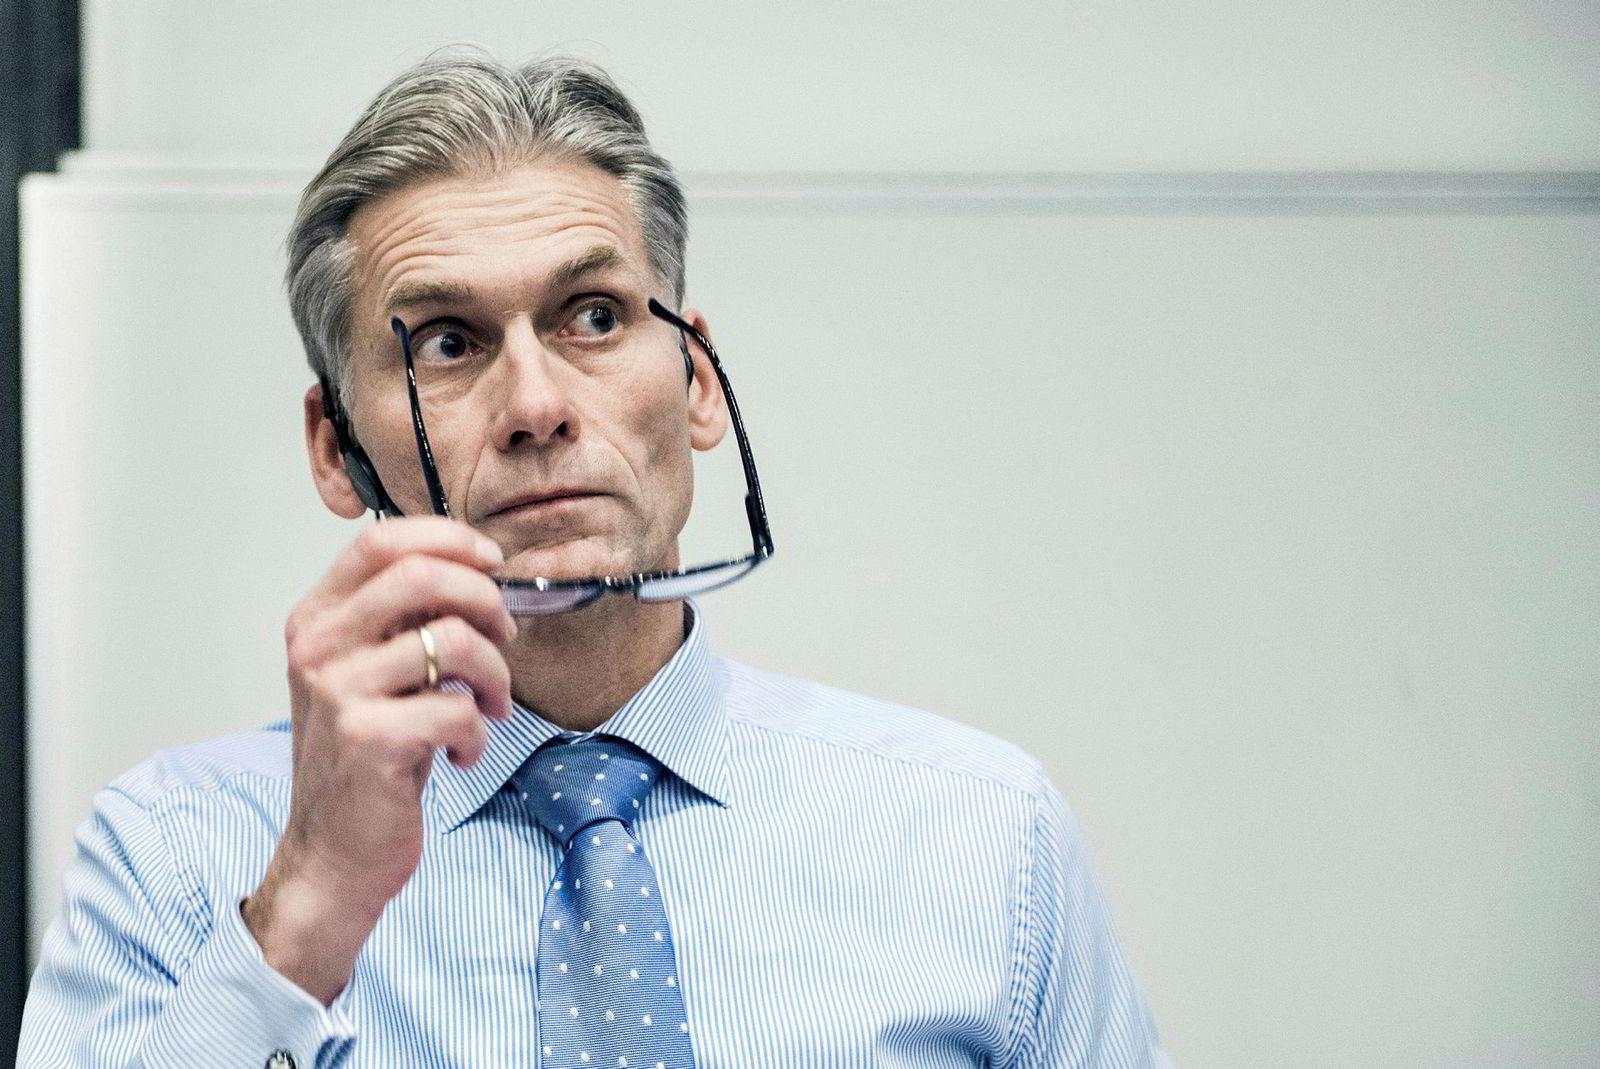 Norske Thomas Borgen var toppsjef i Danske Bank fra 2013 til han gikk av som følge av hvitvaskingsskandalen i oktober 2018. Før han ble toppsjef ledet han Danske Banks internasjonale virksomhet, herunder den estiske filialen, fra 2009 til 2012.